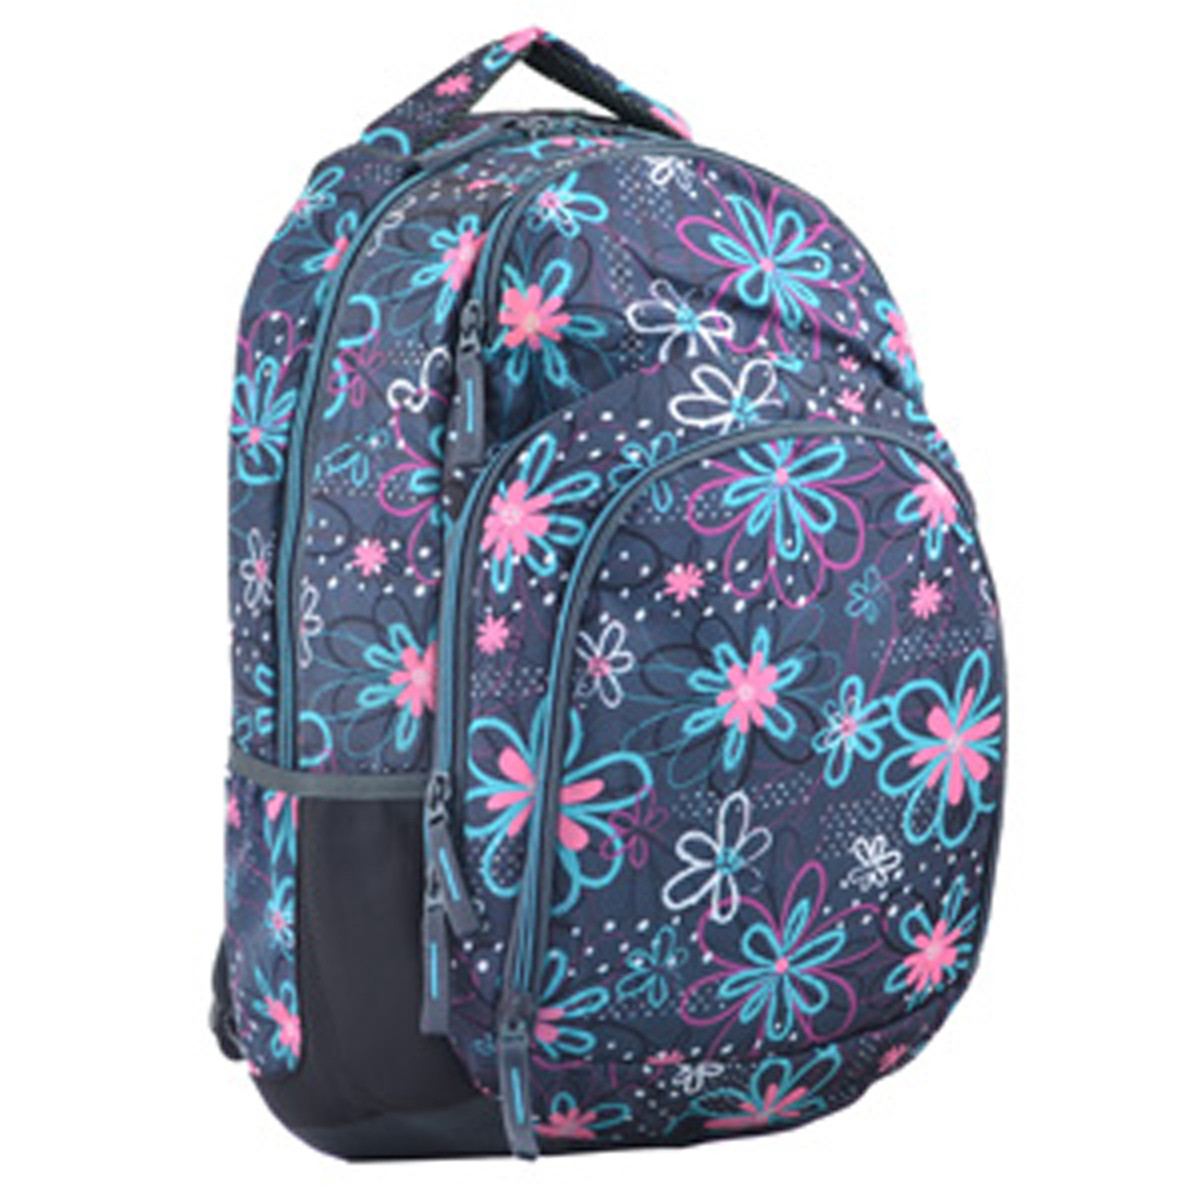 Рюкзак школьный для подростка YES Т-38 Folio 46*31*15 код: 555304